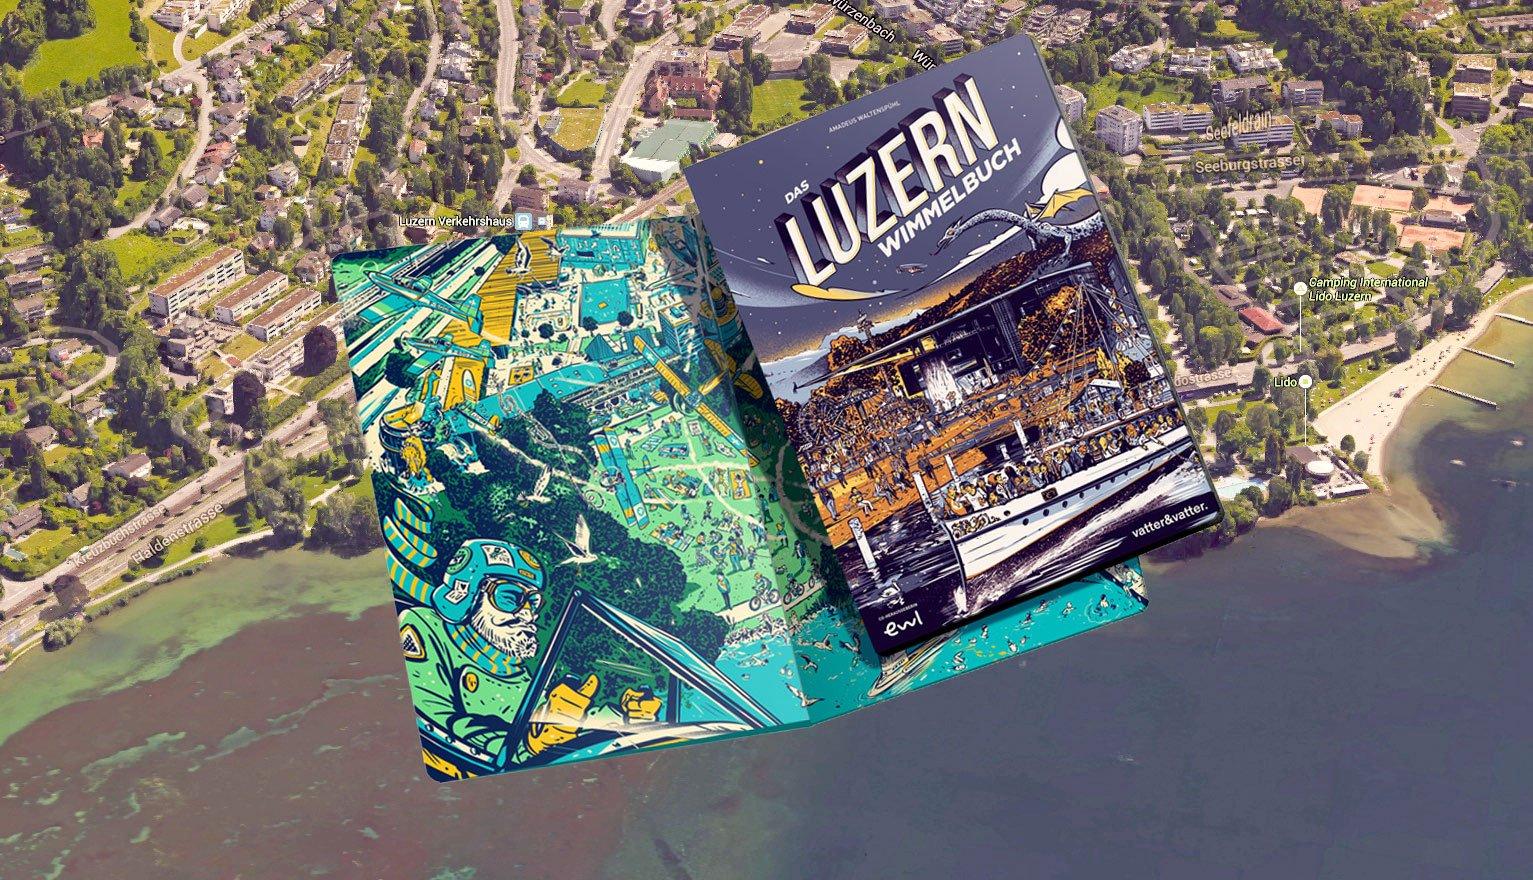 Neuer Blick auf die Stadt: das Luzerner Wimmelbuch. (Montage: zentralplus)